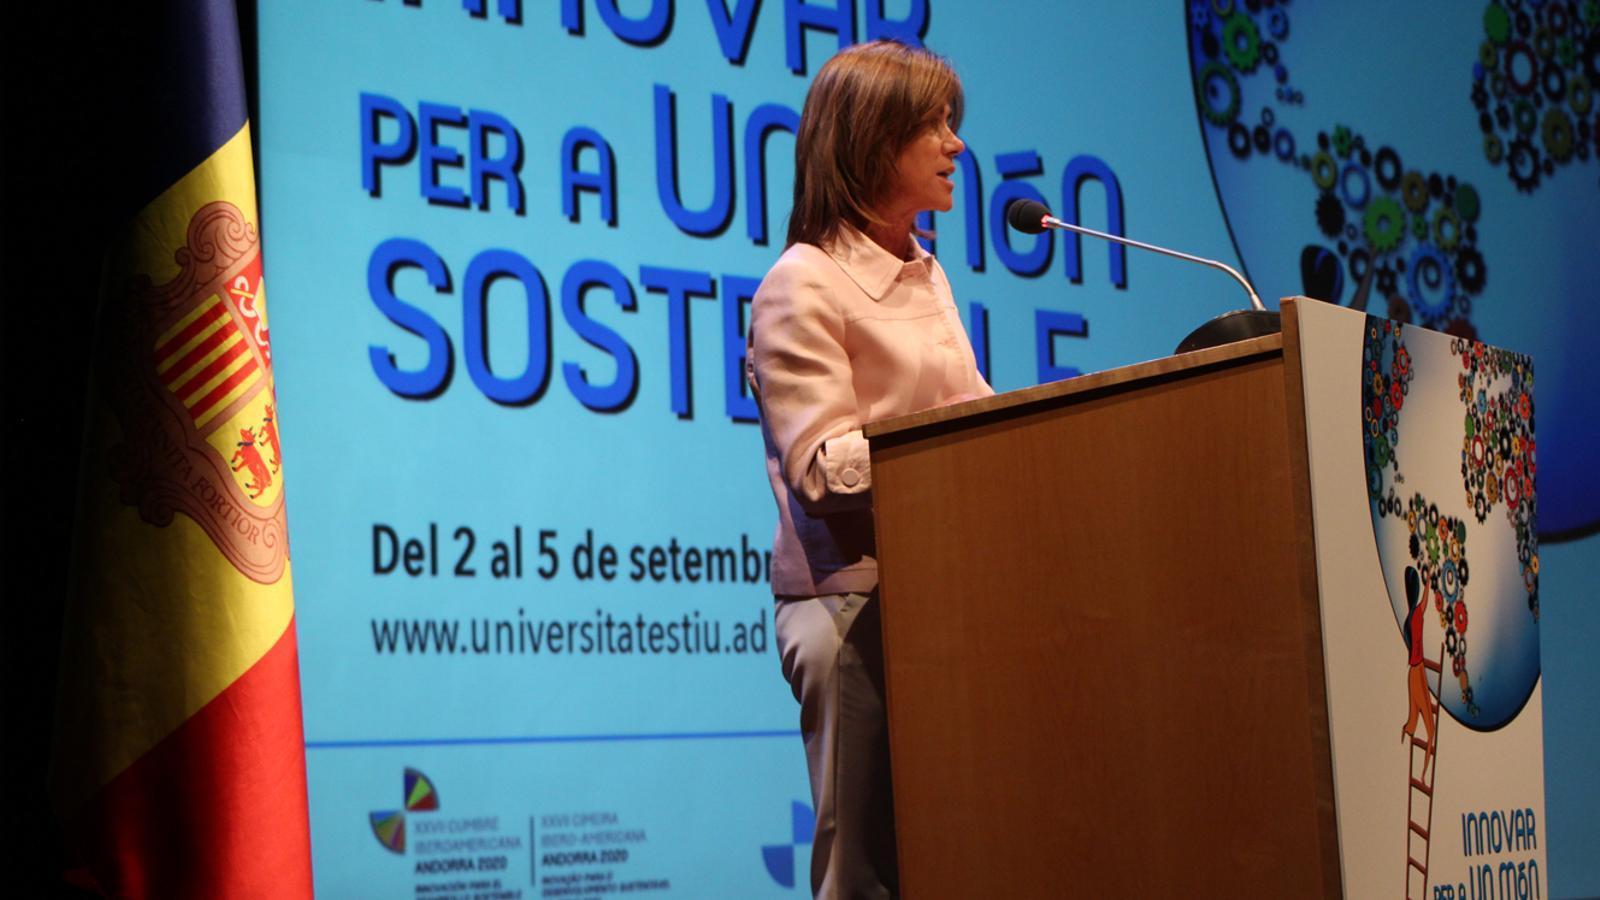 La ministra d'Educació i Ensenyament Superior, Ester Vilarrubla, durant el discurs que ha servit per cloure la 36a edició de la Universitat d'Estiu. / M. P. (ANA)